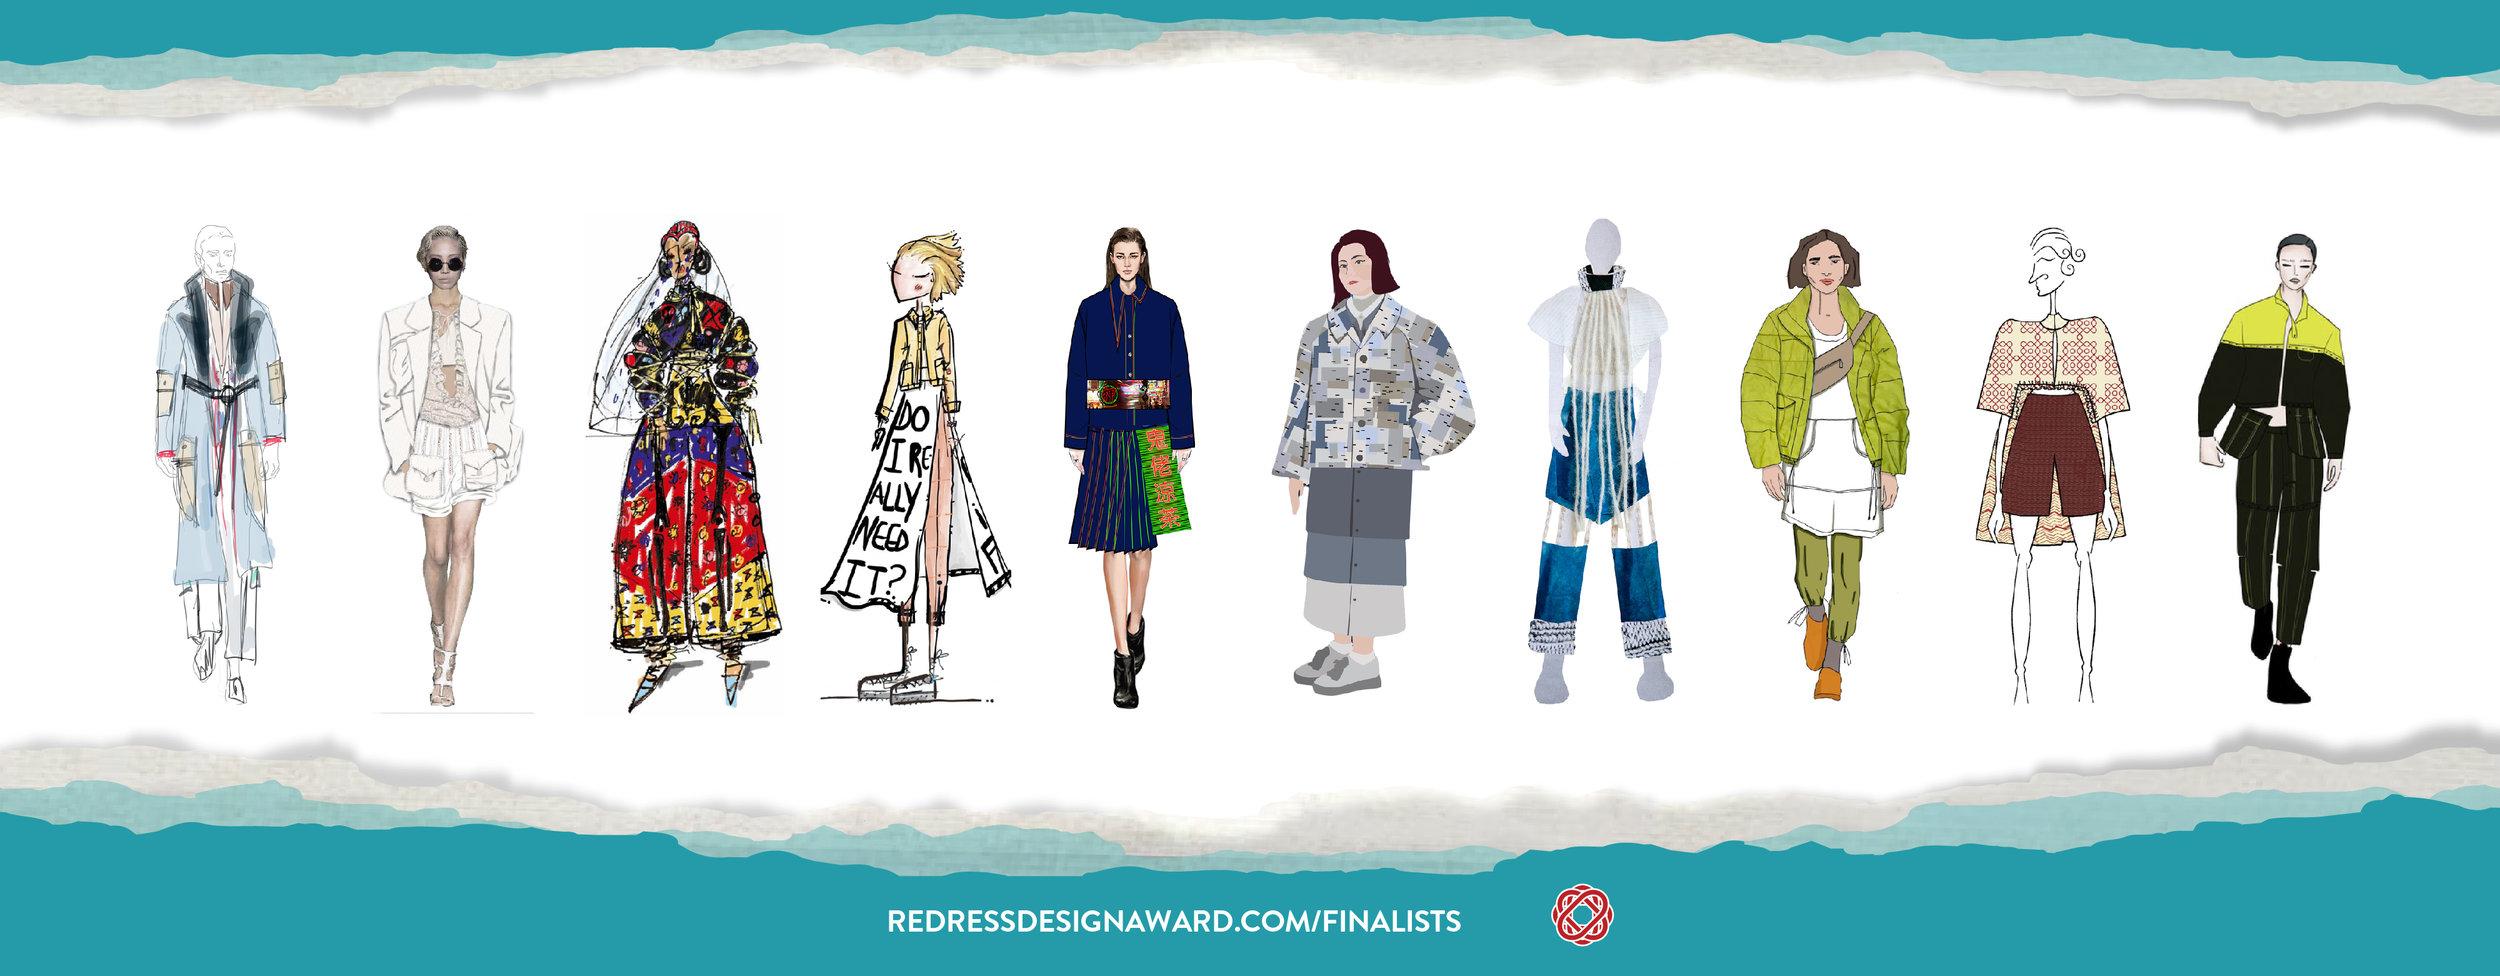 RDA2019_finalist_banner_redress.jpg